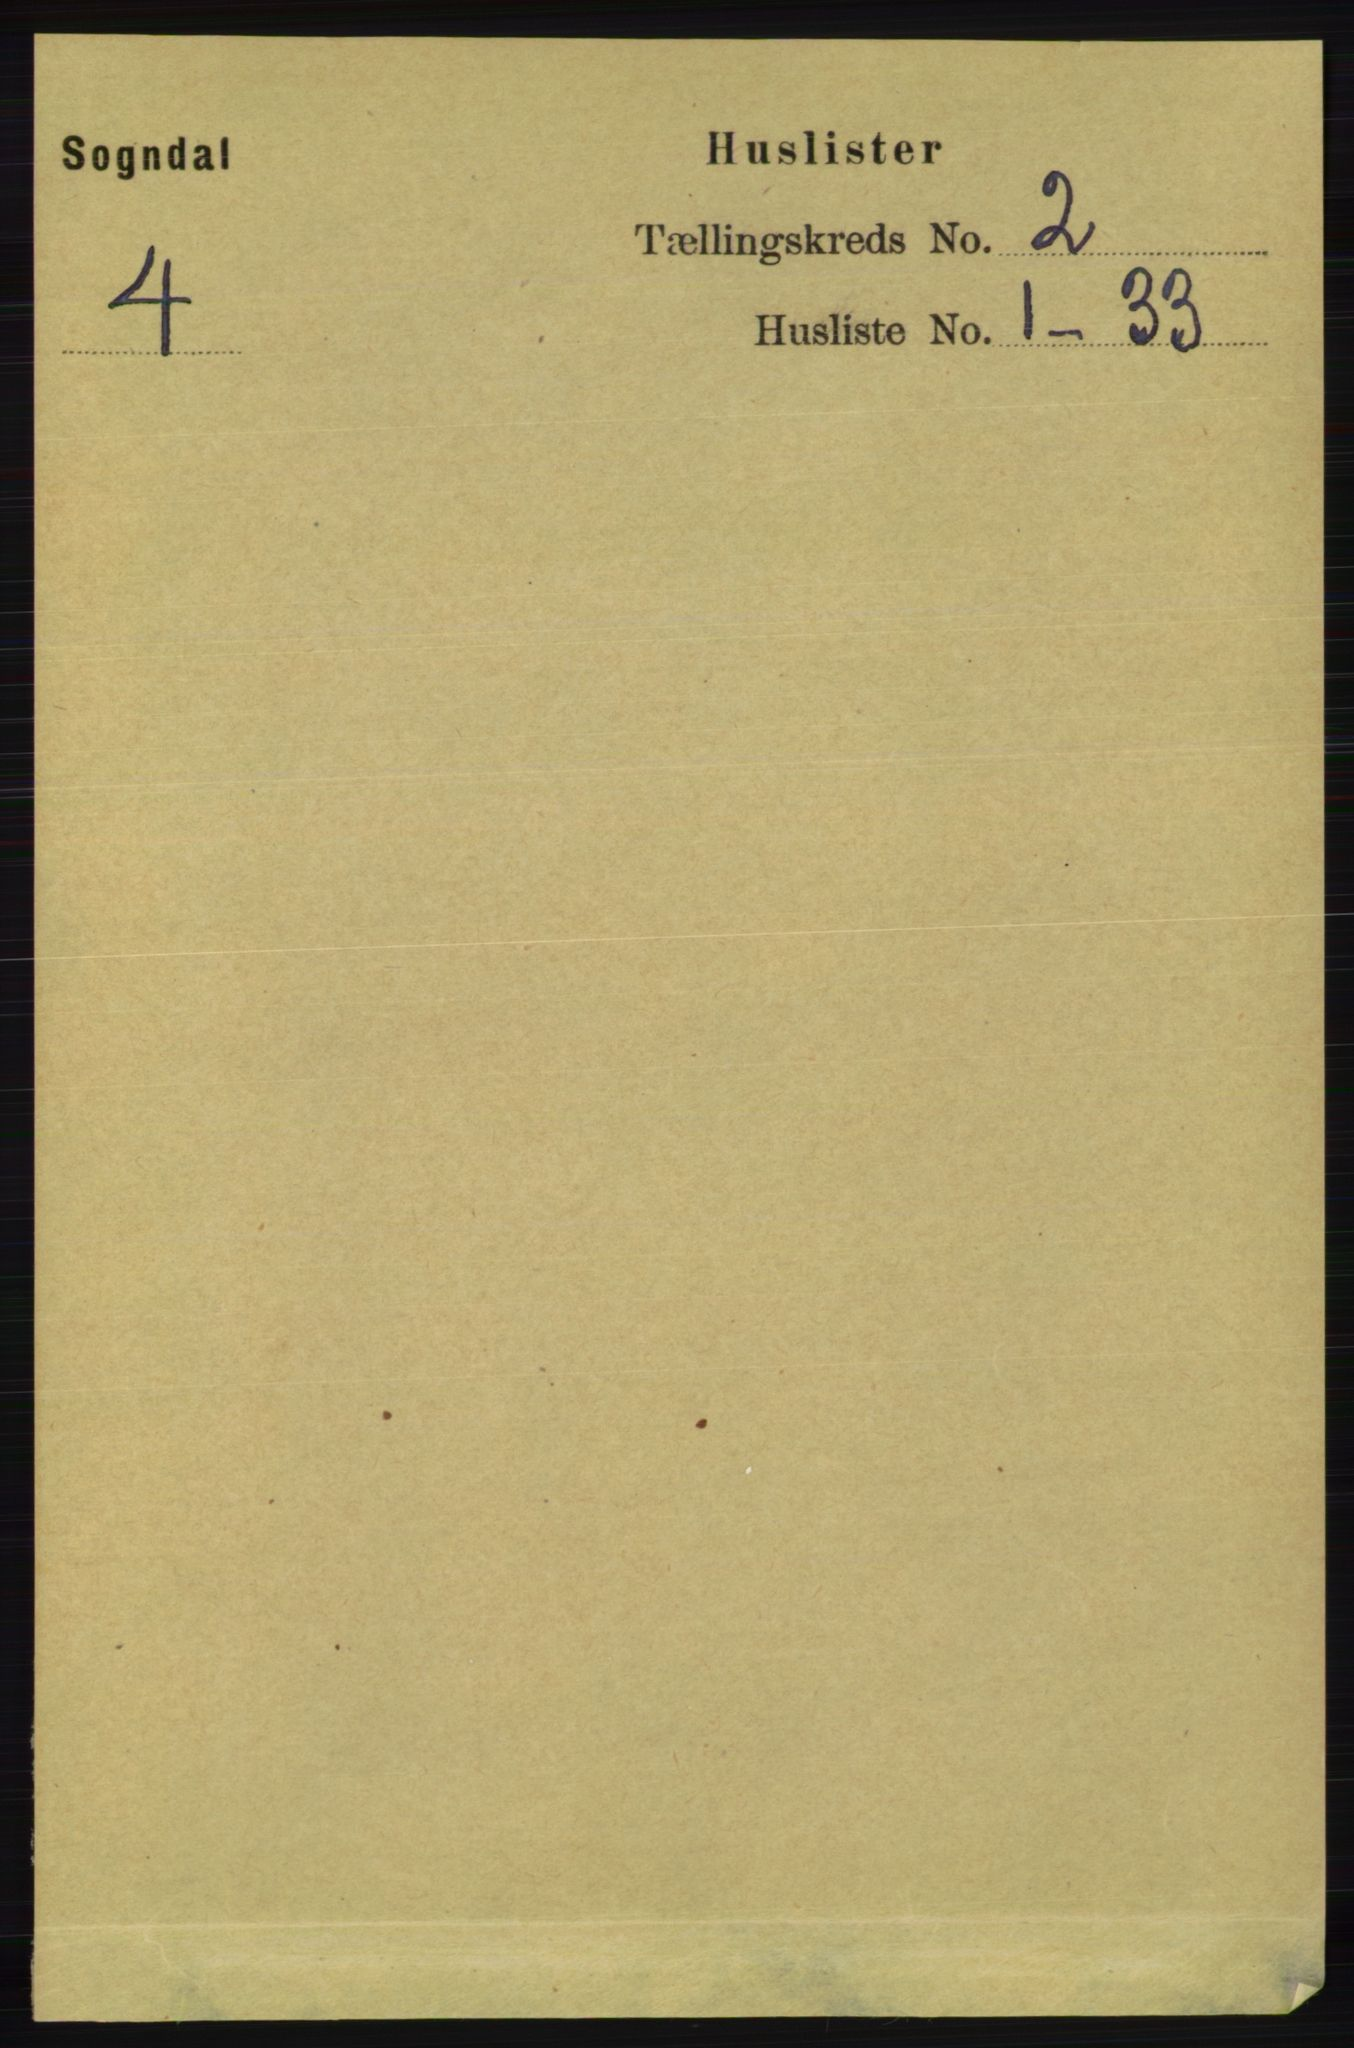 RA, Folketelling 1891 for 1111 Sokndal herred, 1891, s. 424